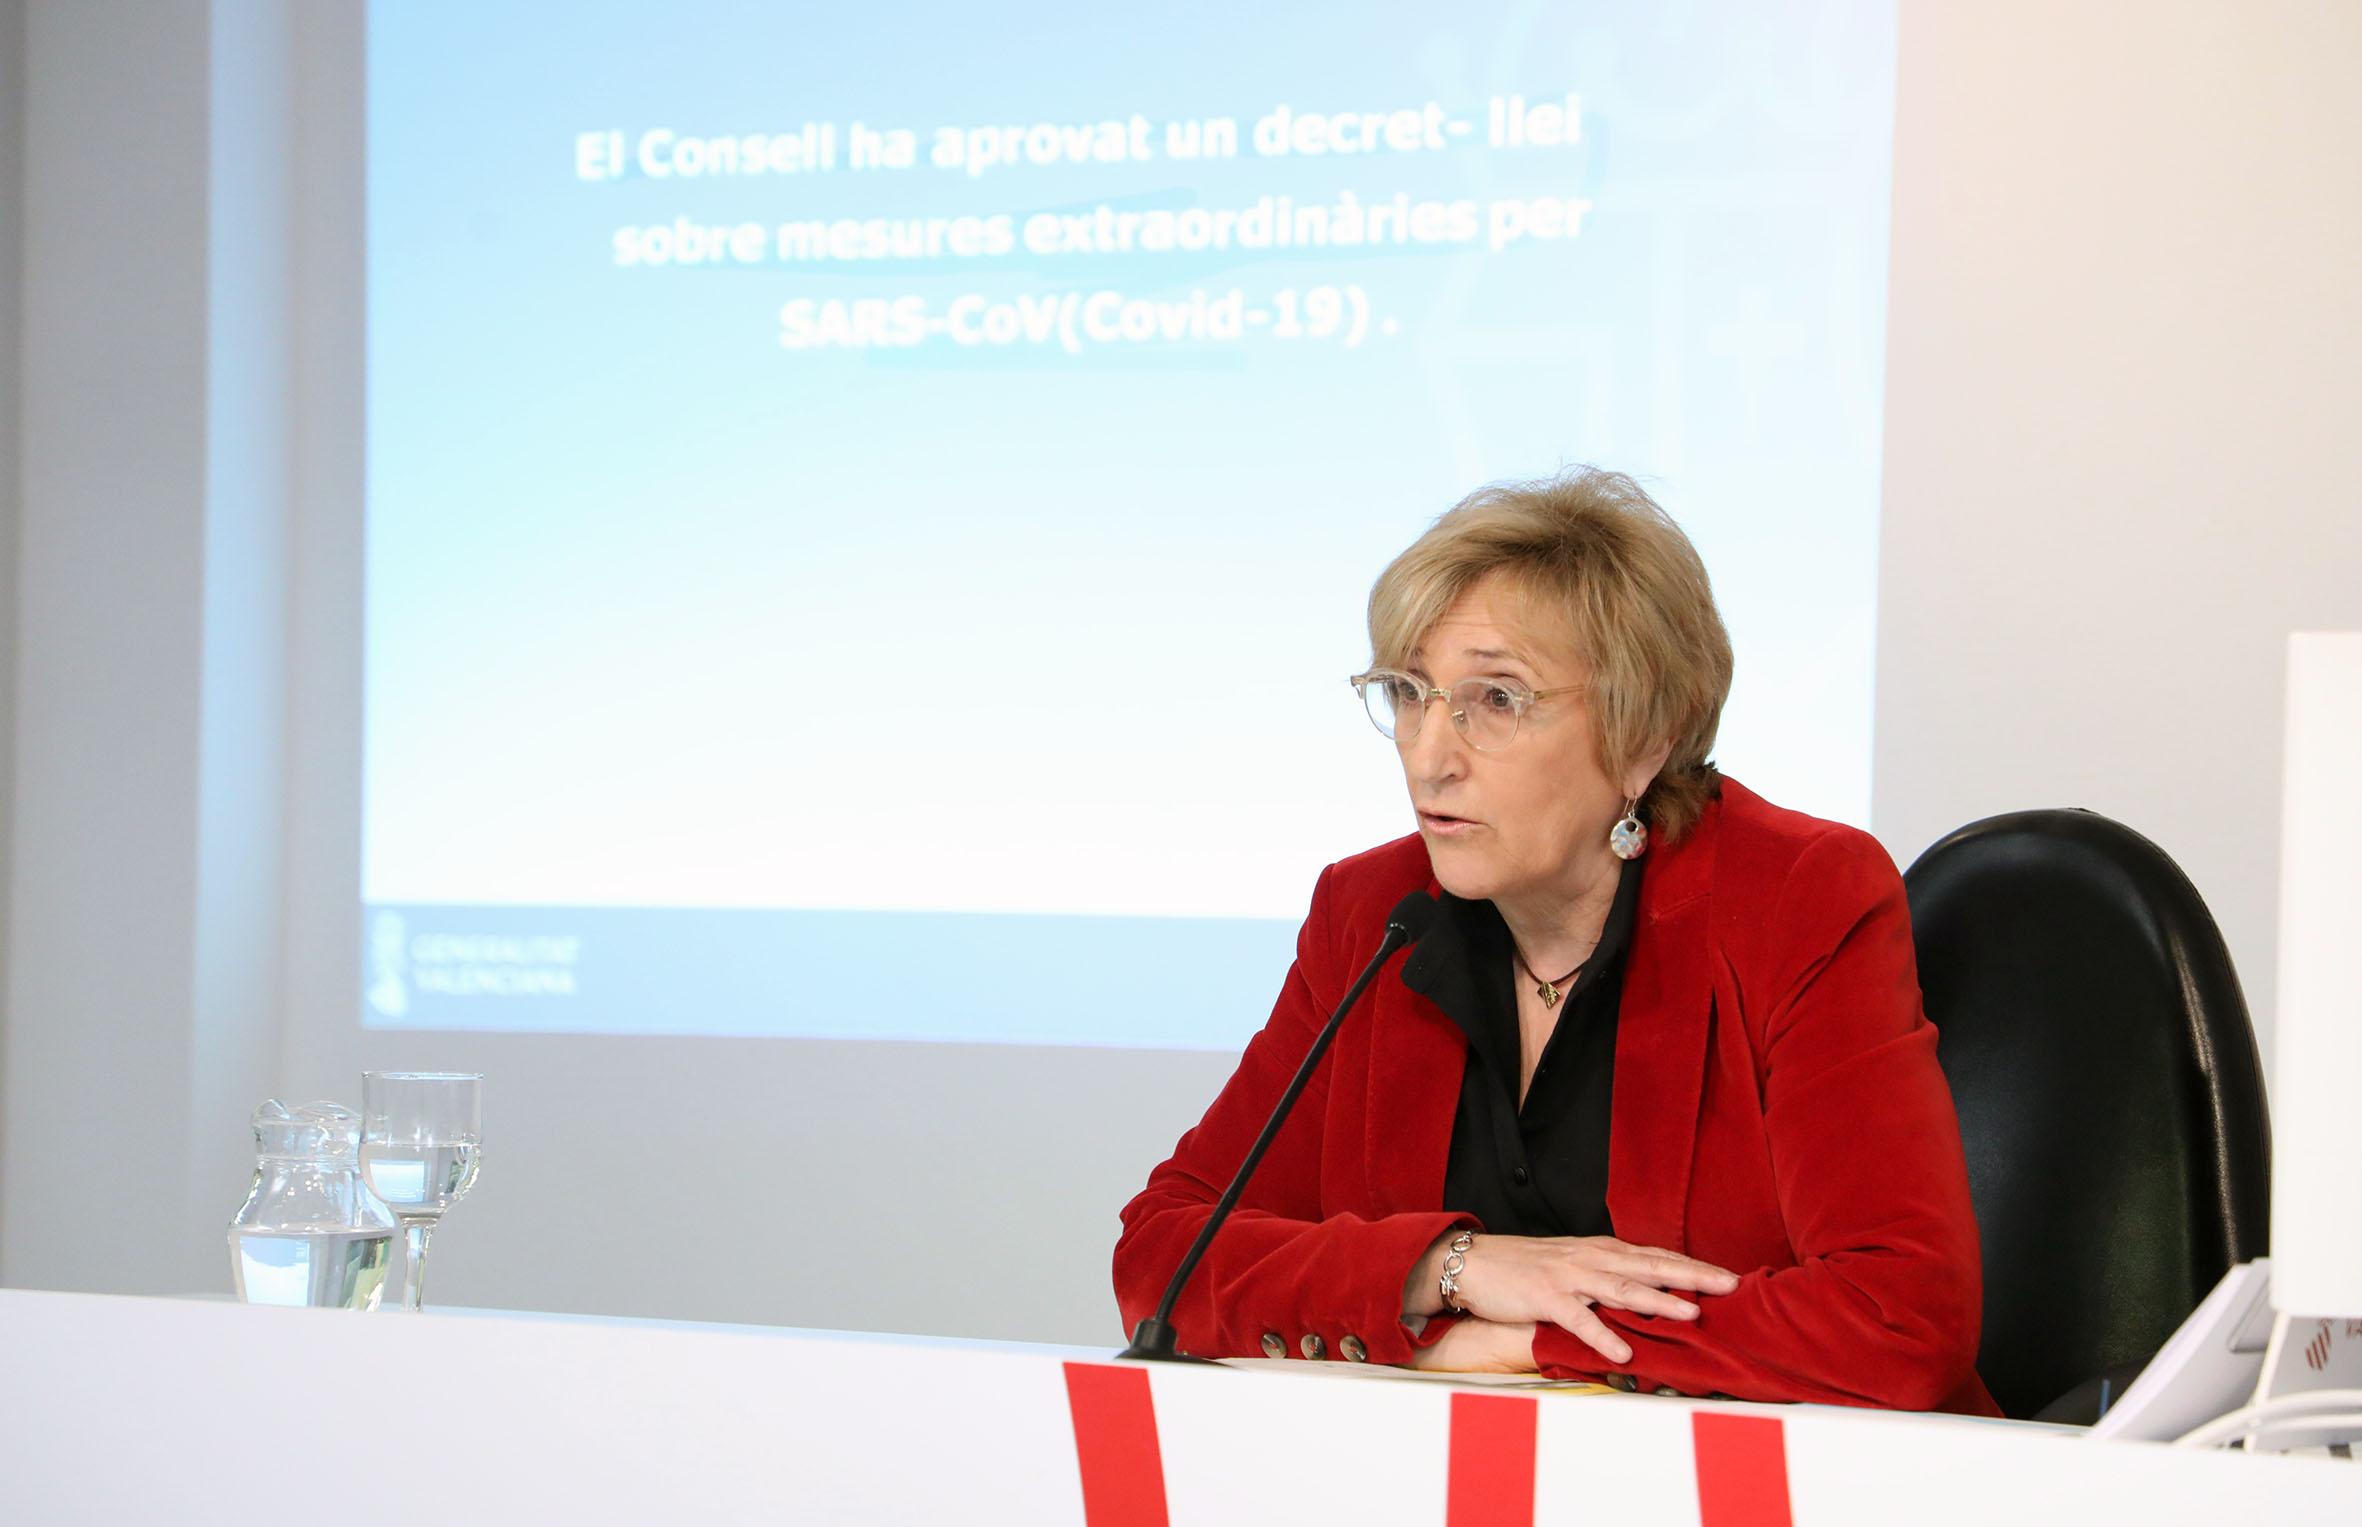 Sanitat confirma 584 nous casos positius de coronavirus en la Comunitat Valenciana